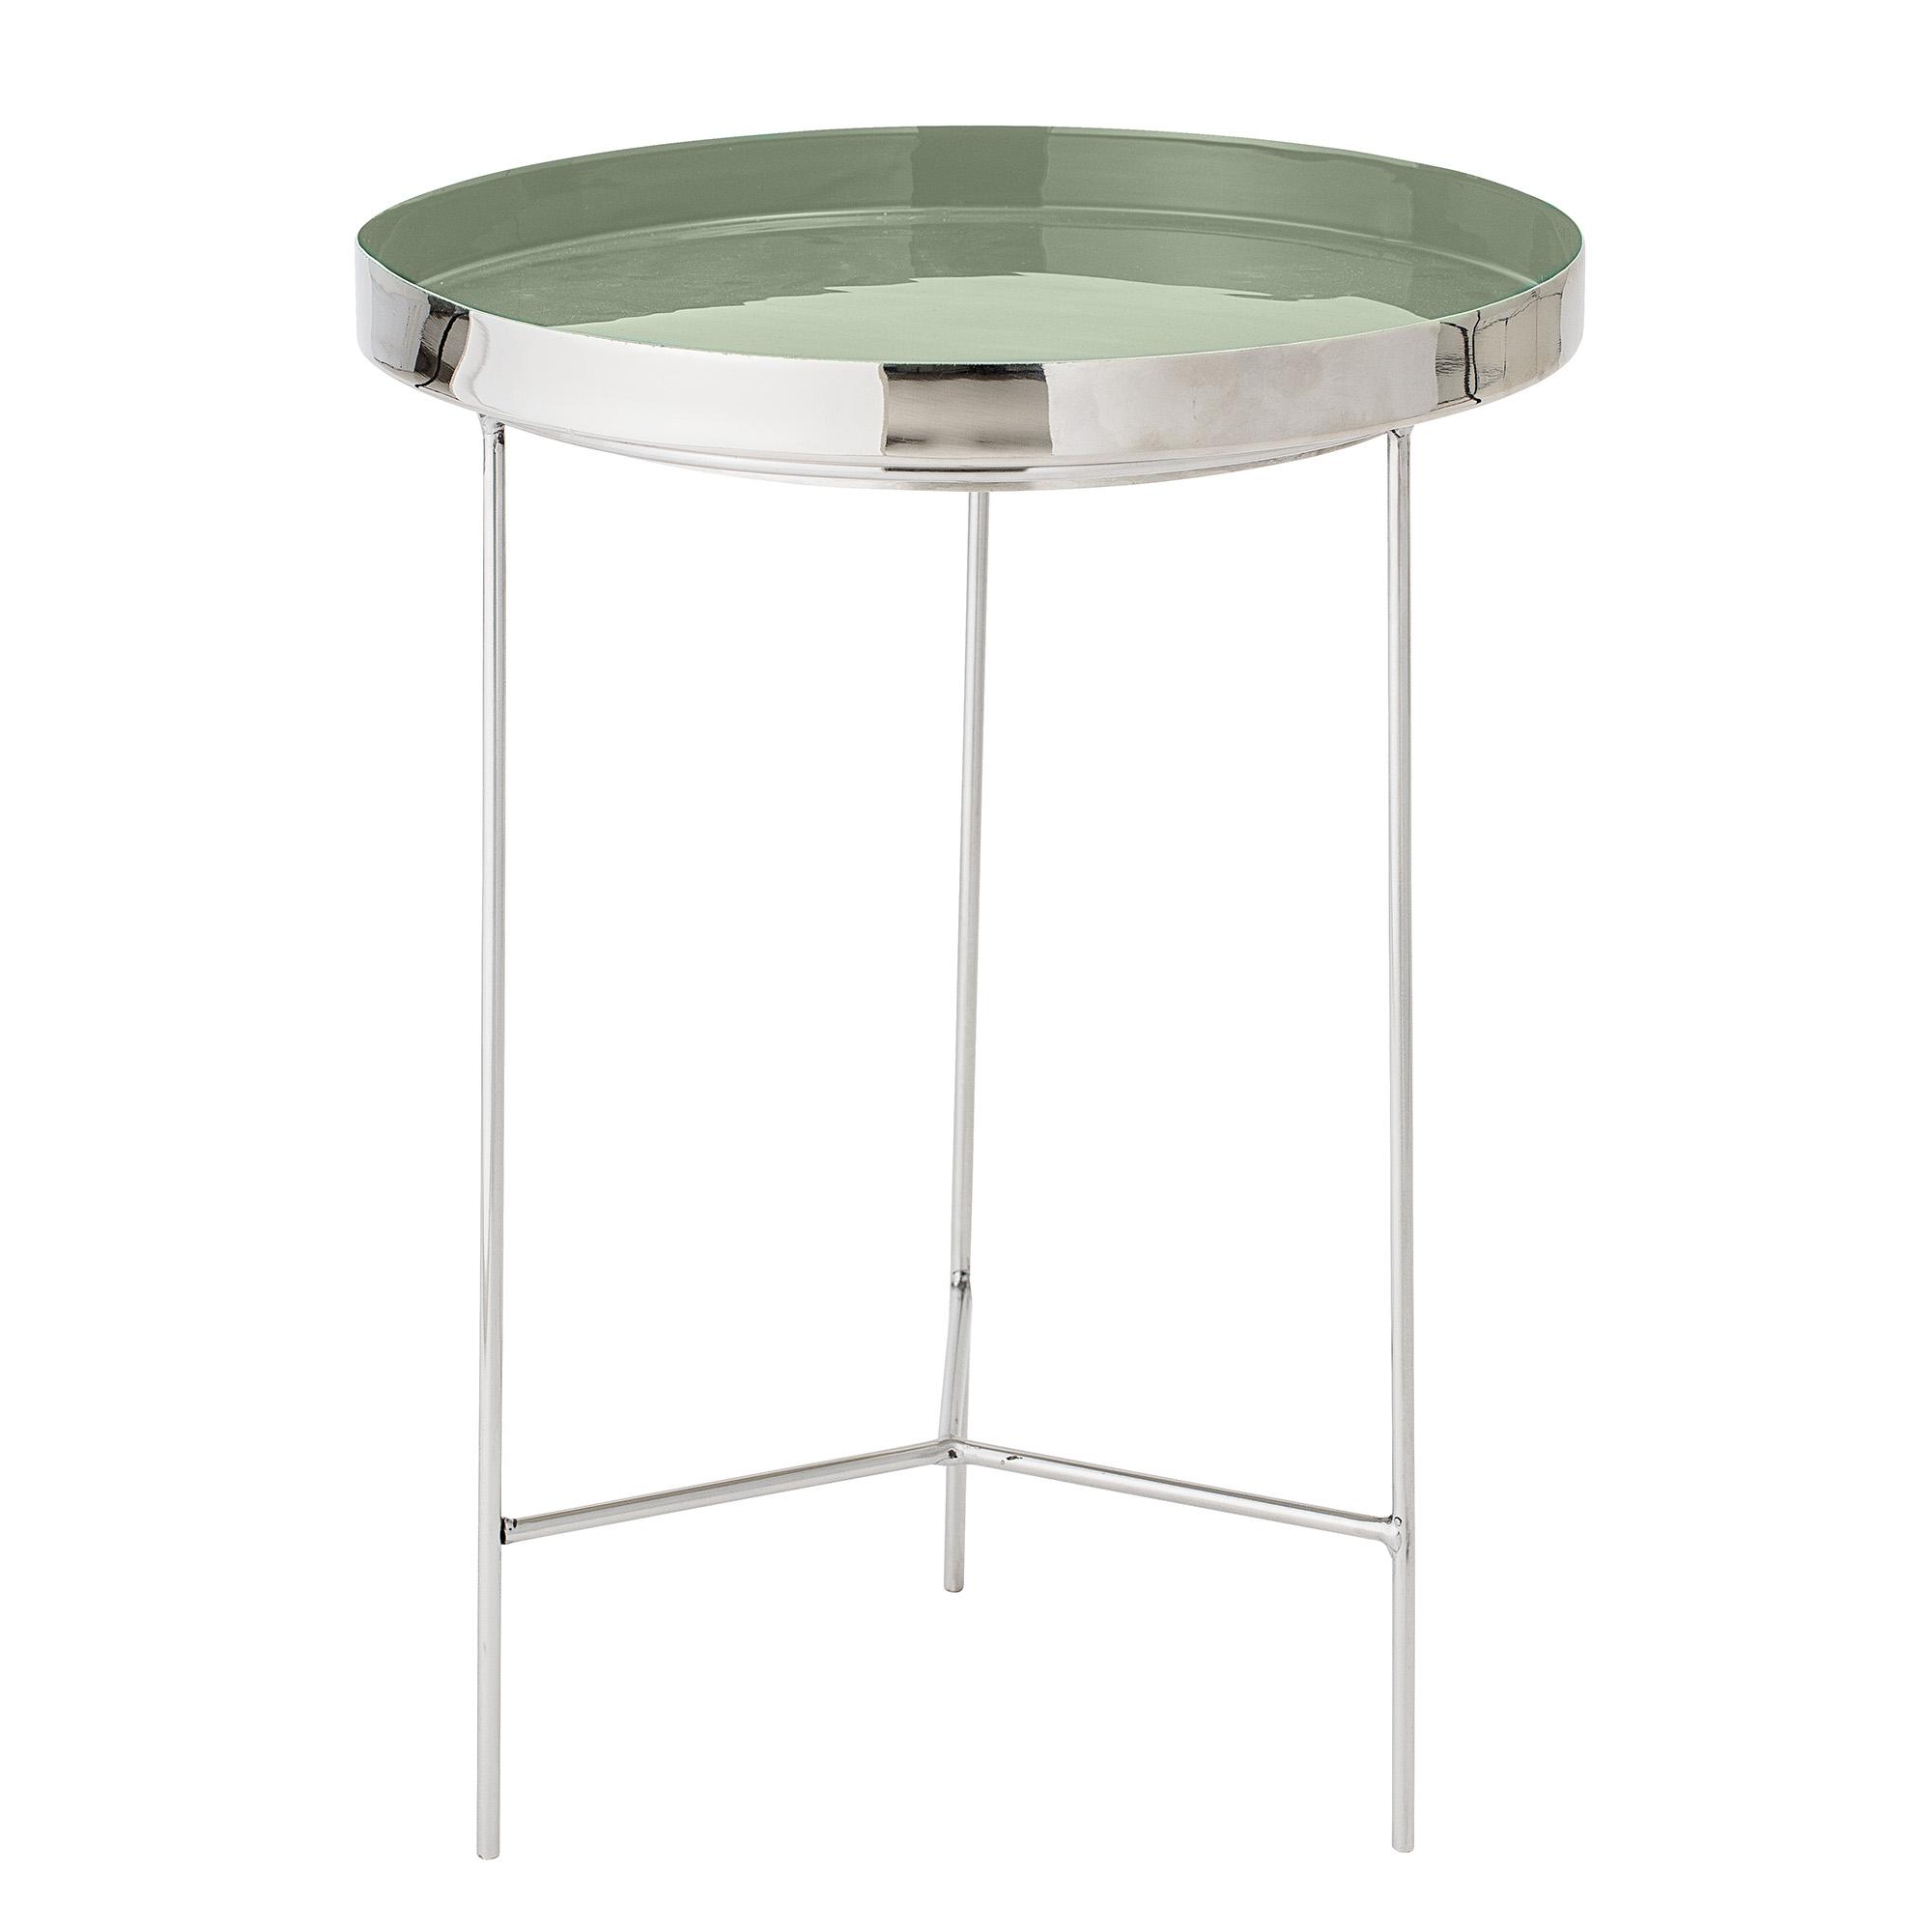 bloomingville – Bloomingville sola bakkebord - grøn/sølv aluminium/stål, rund (ø40) på boboonline.dk